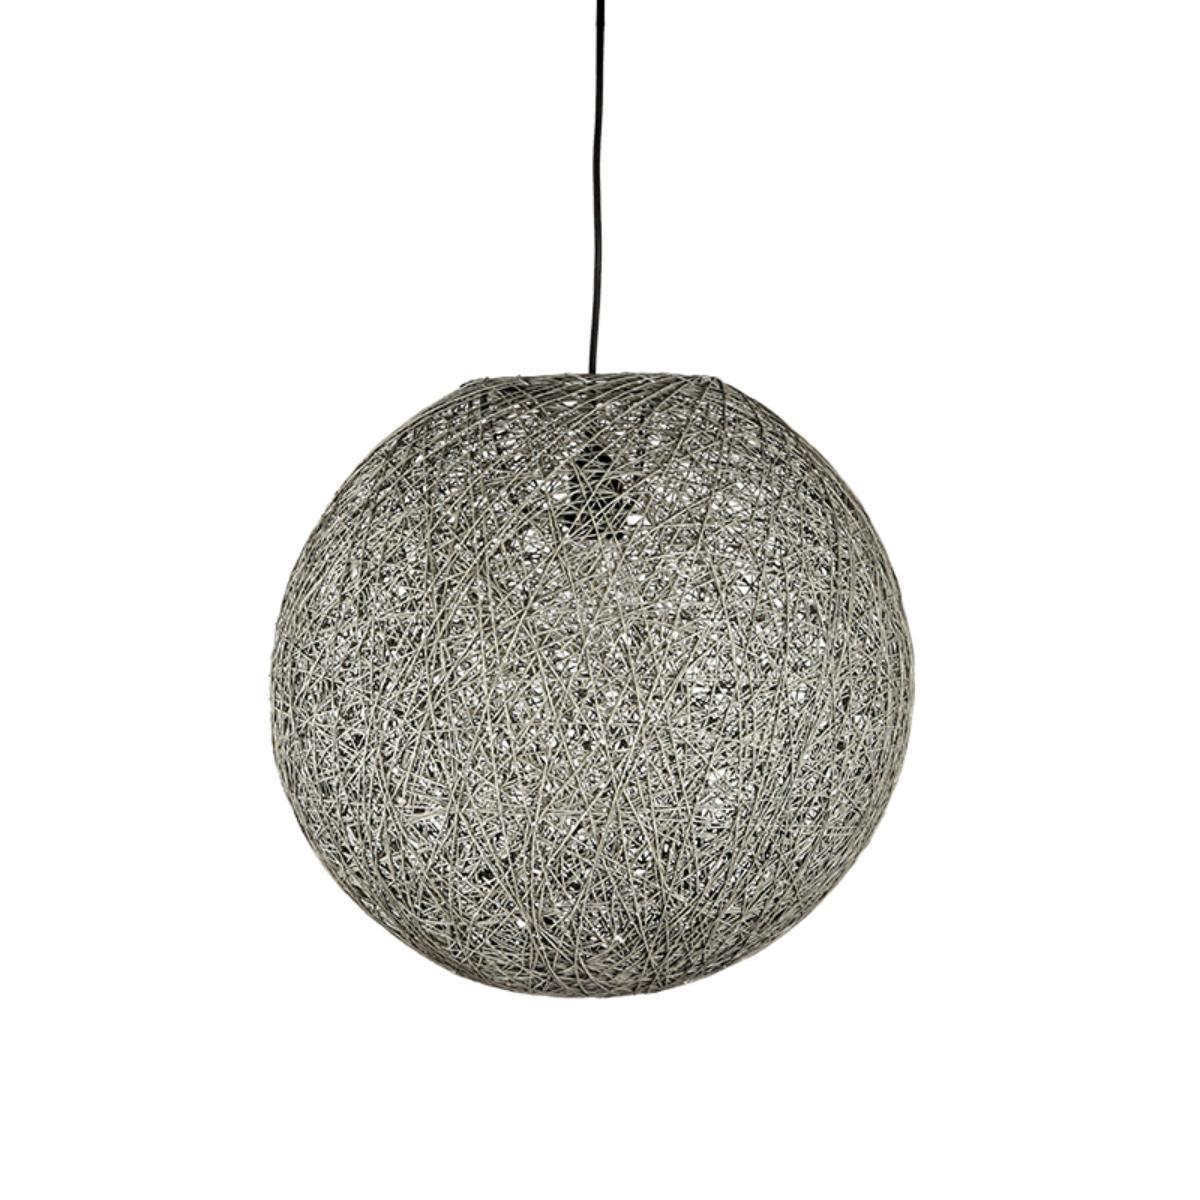 LABEL51 hanglamp 'Twist | XL' 60x60x60 cm Verlichting